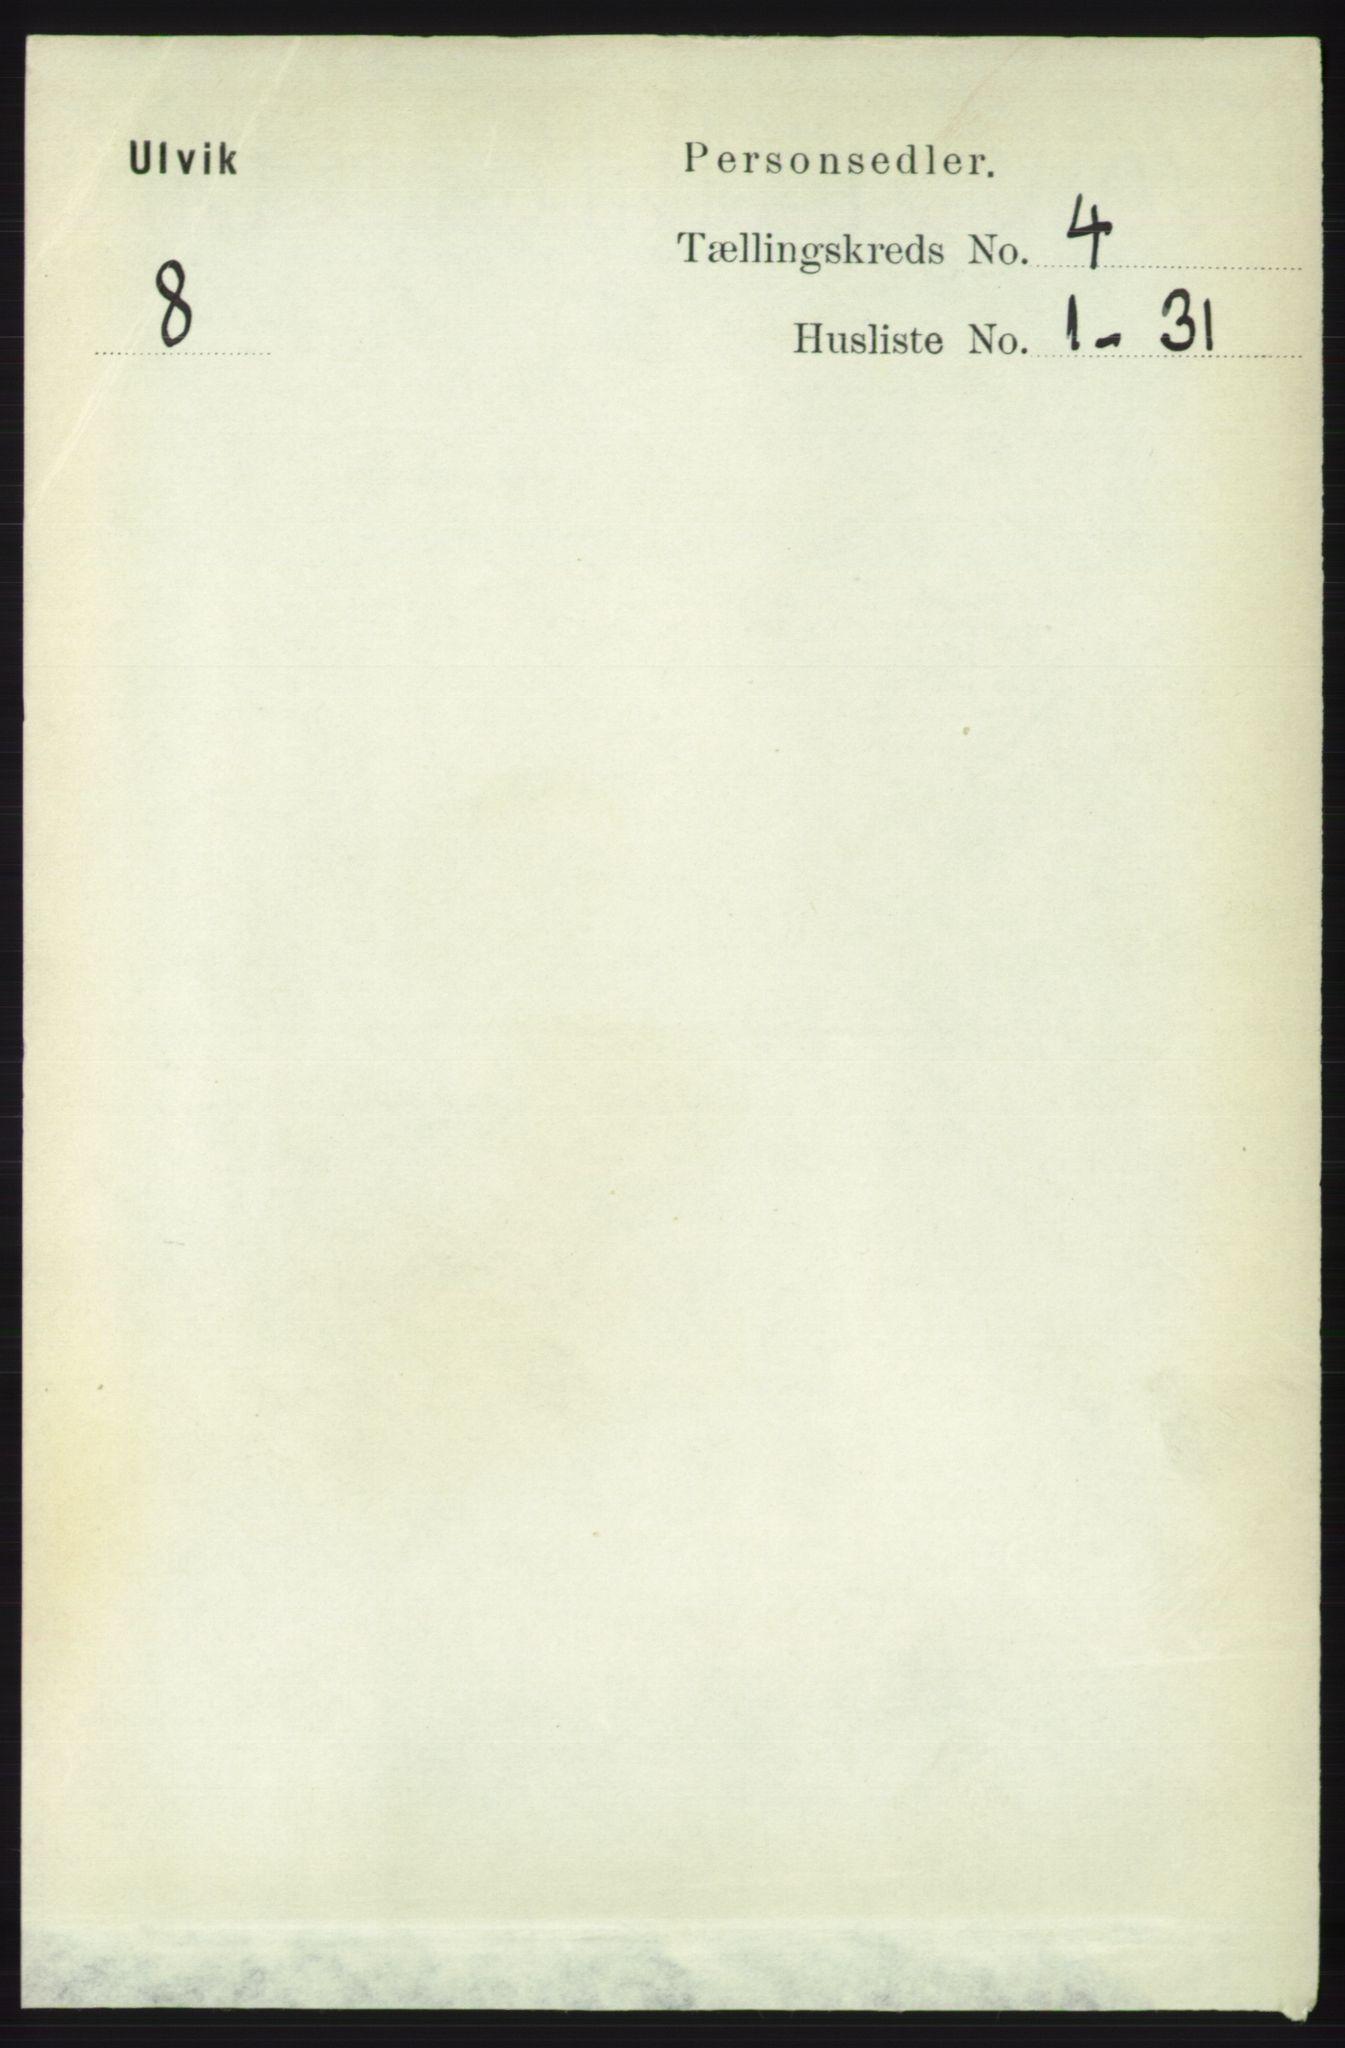 RA, Folketelling 1891 for 1233 Ulvik herred, 1891, s. 587